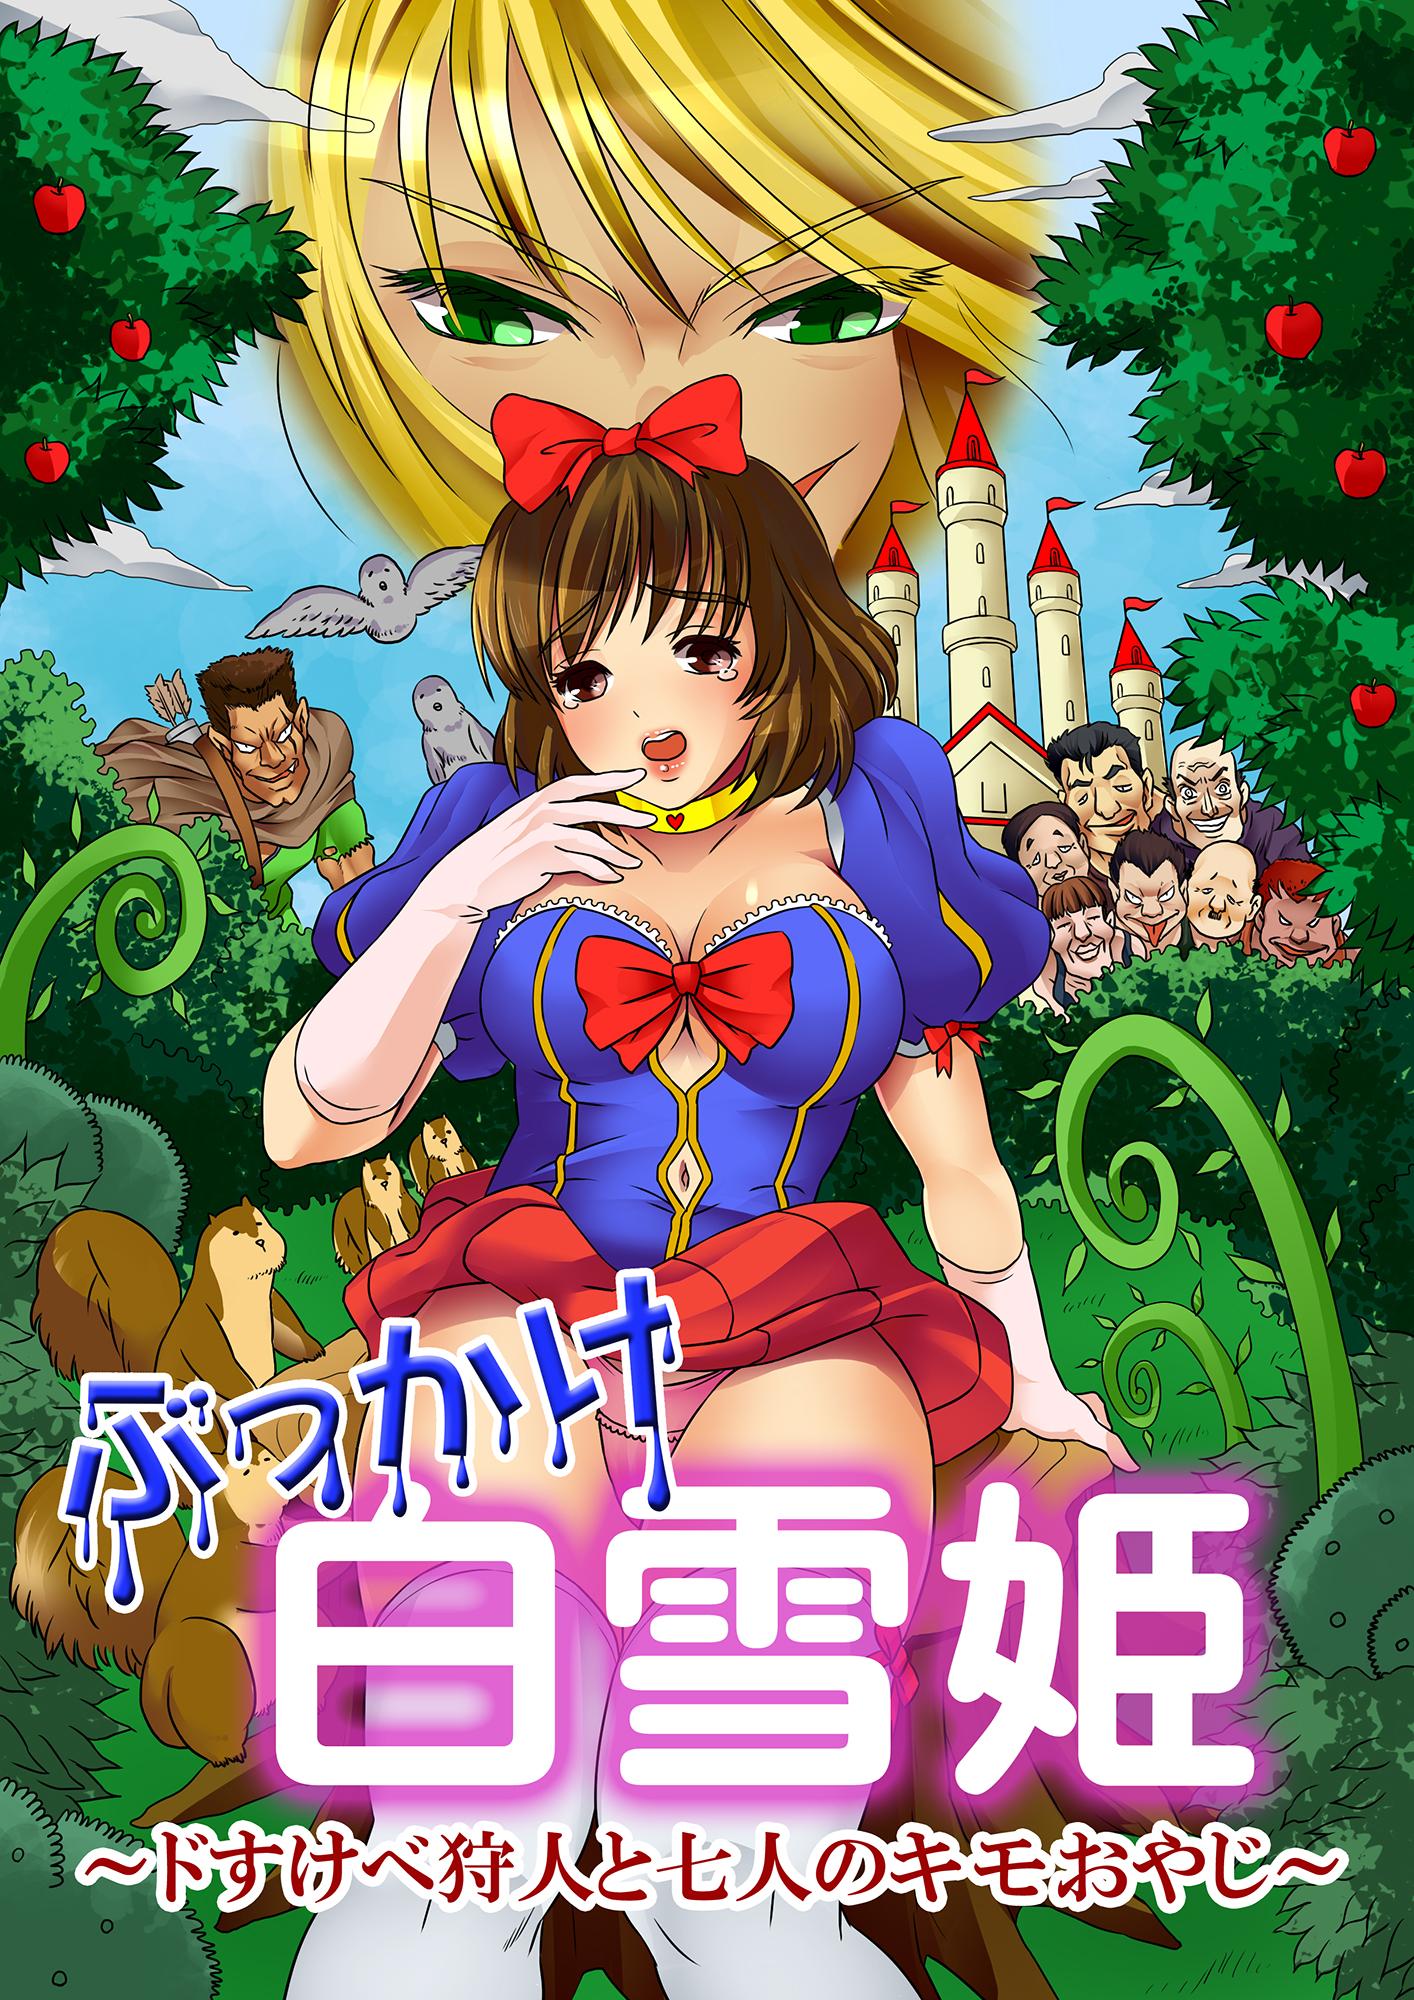 エロ 漫画 お姫様